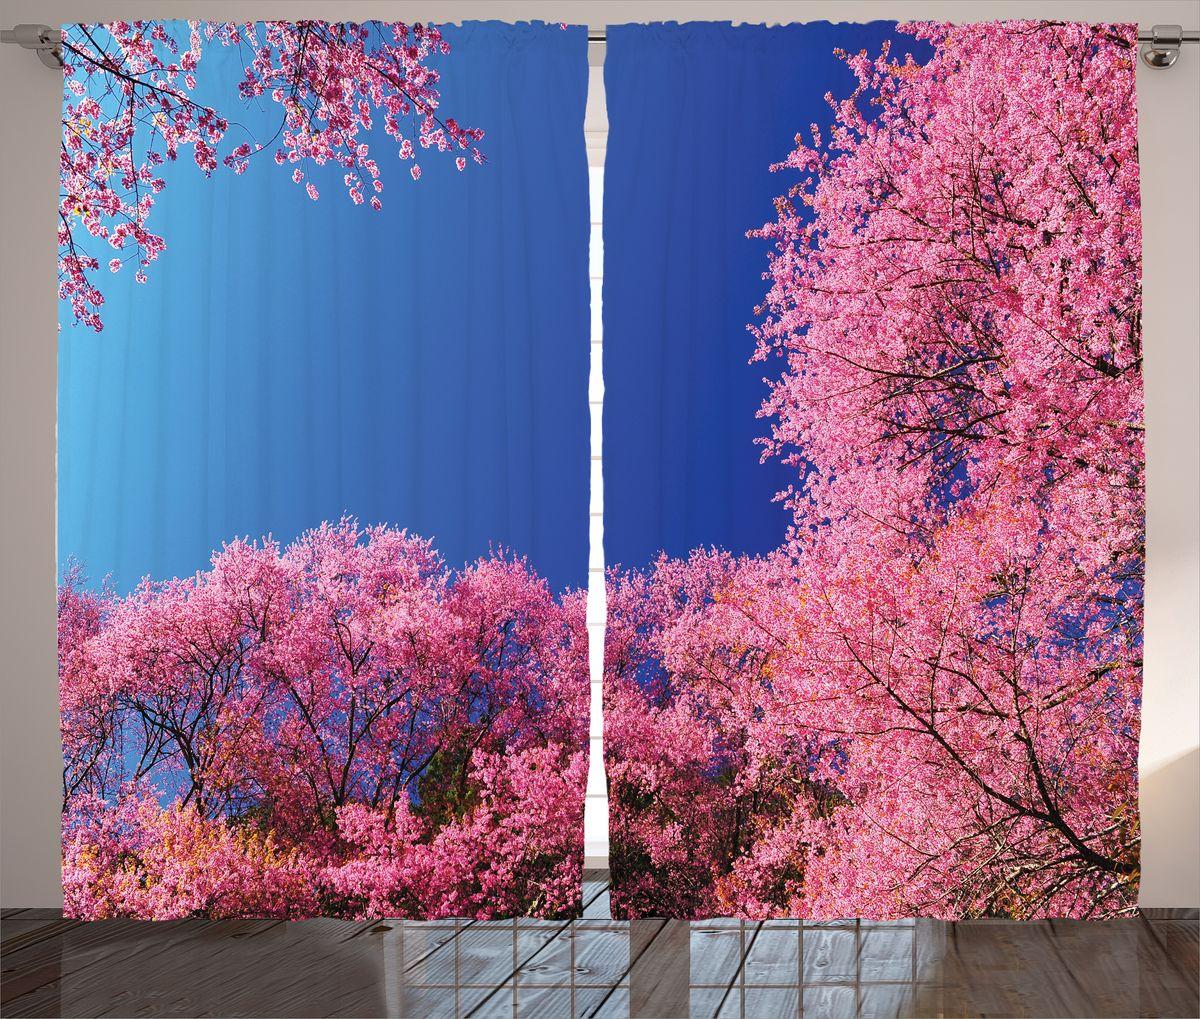 Комплект фотоштор Magic Lady Розовый сад, на ленте, высота 265 см. шсг_17424шсг_17424Компания Сэмболь изготавливает шторы из высококачественного сатена (полиэстер 100%). При изготовлении используются специальные гипоаллергенные чернила для прямой печати по ткани, безопасные для человека и животных. Экологичность продукции Magic lady и безопасность для окружающей среды подтверждены сертификатом Oeko-Tex Standard 100. Крепление: крючки для крепления на шторной ленте (50 шт). Возможно крепление на трубу. Внимание! При нанесении сублимационной печати на ткань технологическим методом при температуре 240°С, возможно отклонение полученных размеров (указанных на этикетке и сайте) от стандартных на + - 3-5 см. Производитель старается максимально точно передать цвета изделия на фотографиях, однако искажения неизбежны и фактический цвет изделия может отличаться от воспринимаемого по фото. Обратите внимание! Шторы изготовлены из полиэстра сатенового переплетения, а не из сатина (хлопок). Размер одного полотна шторы: 145х265 см. В комплекте 2...